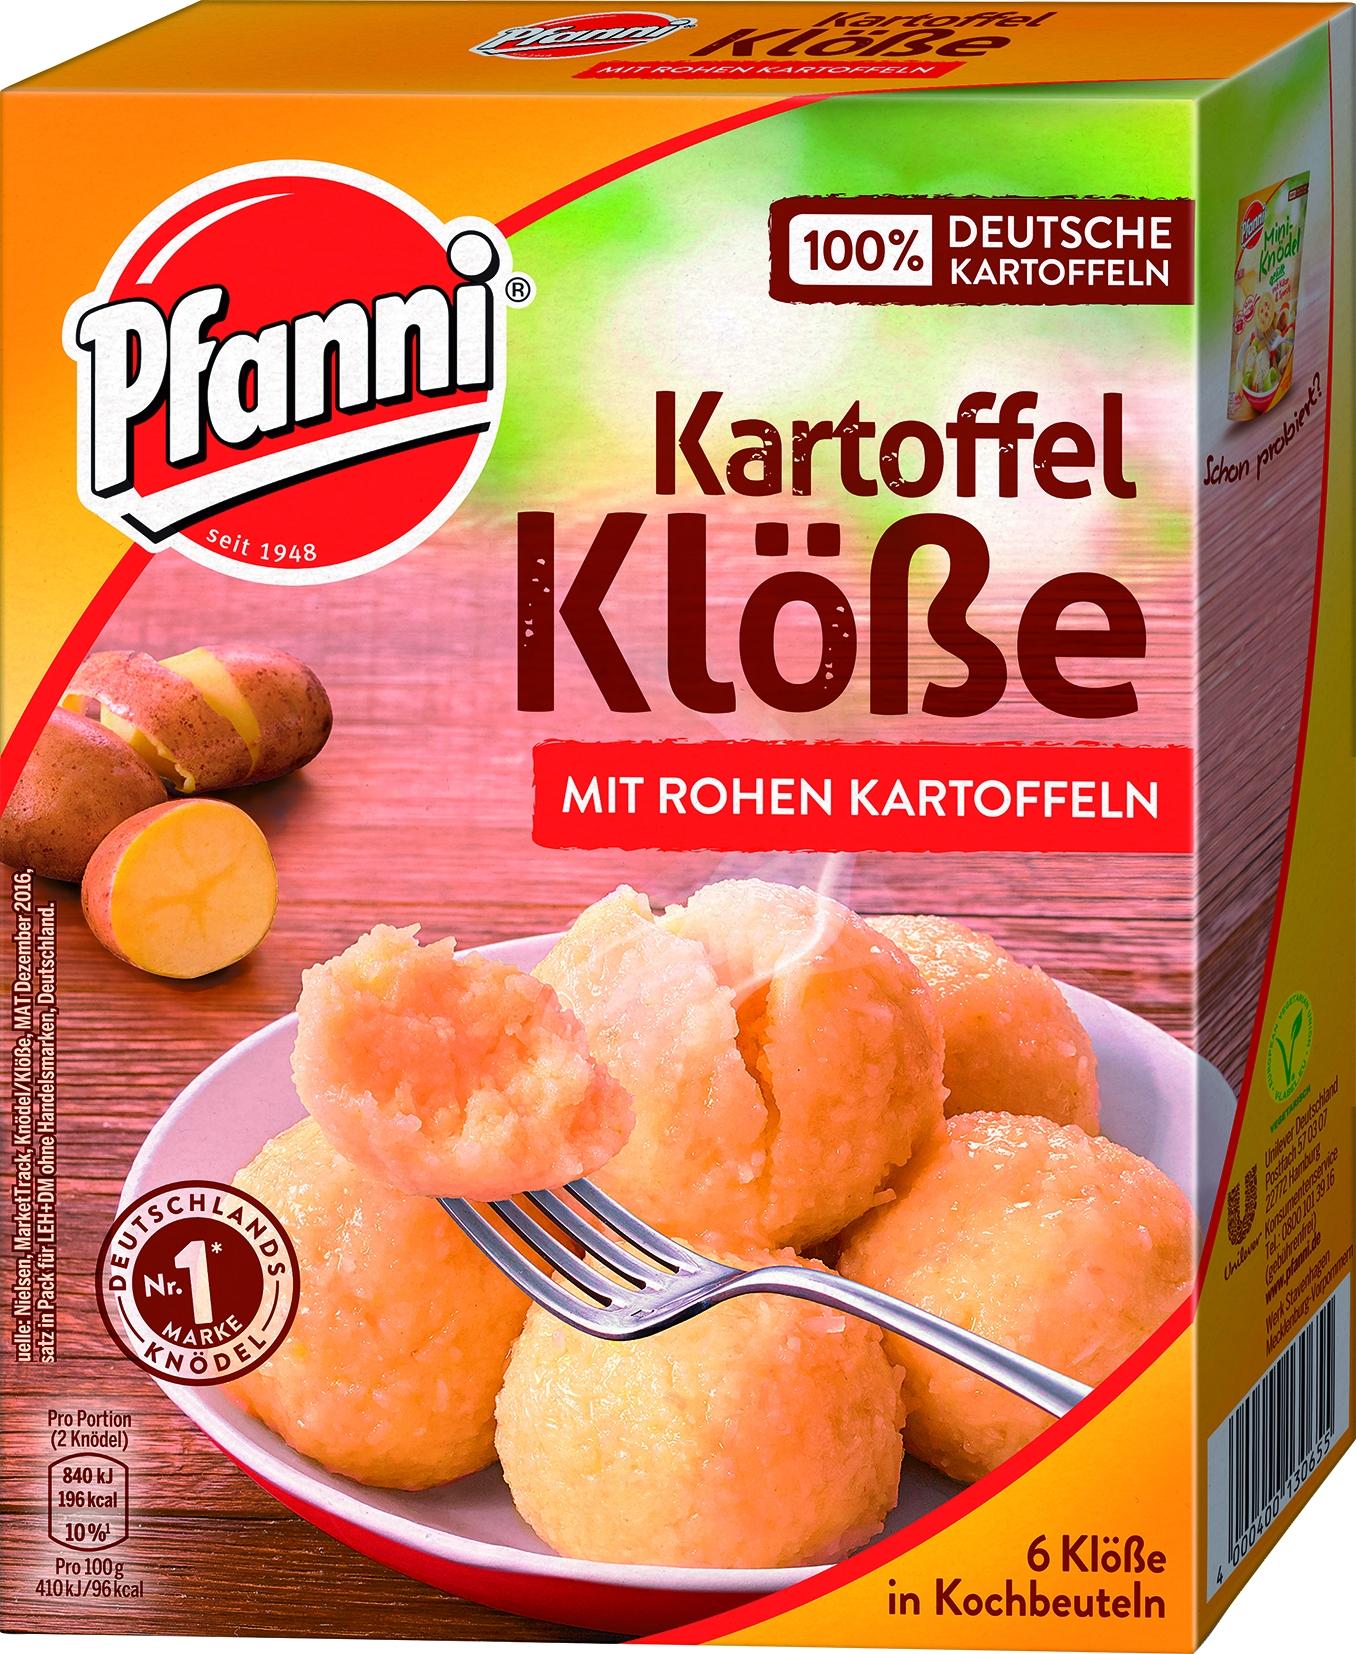 Rohe Knoedel in Kochbeutel 6 Stck.